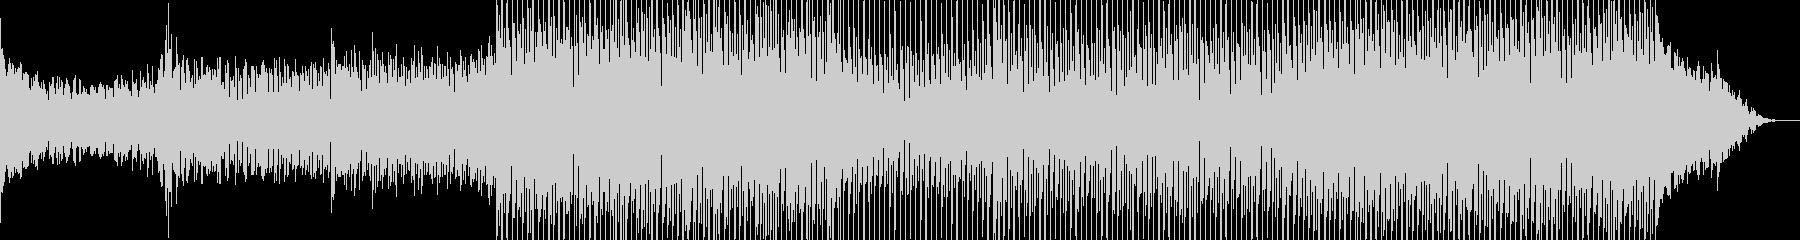 現代的で都会的なクラブ系EDM-13の未再生の波形